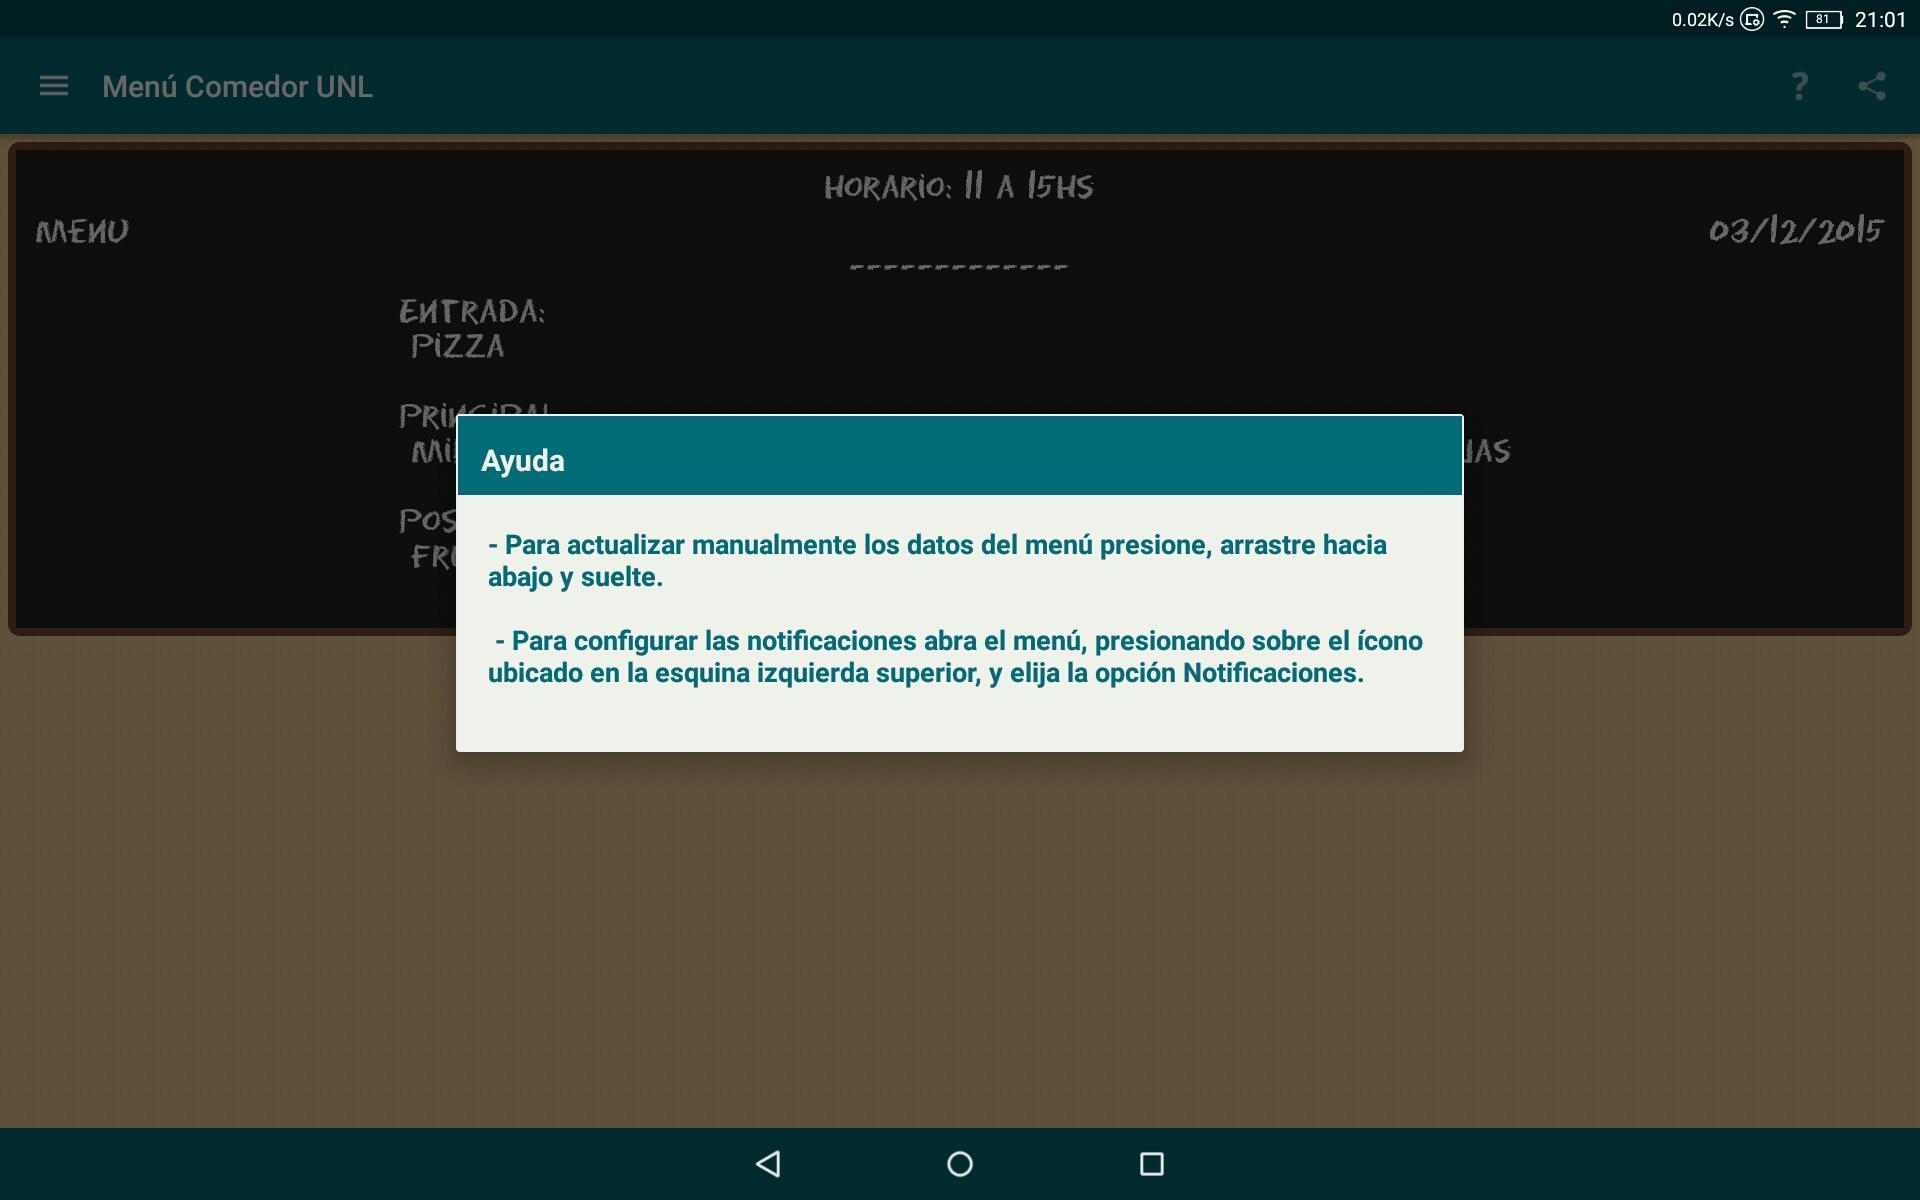 Menú Comedor Universitario UNL for Android - APK Download